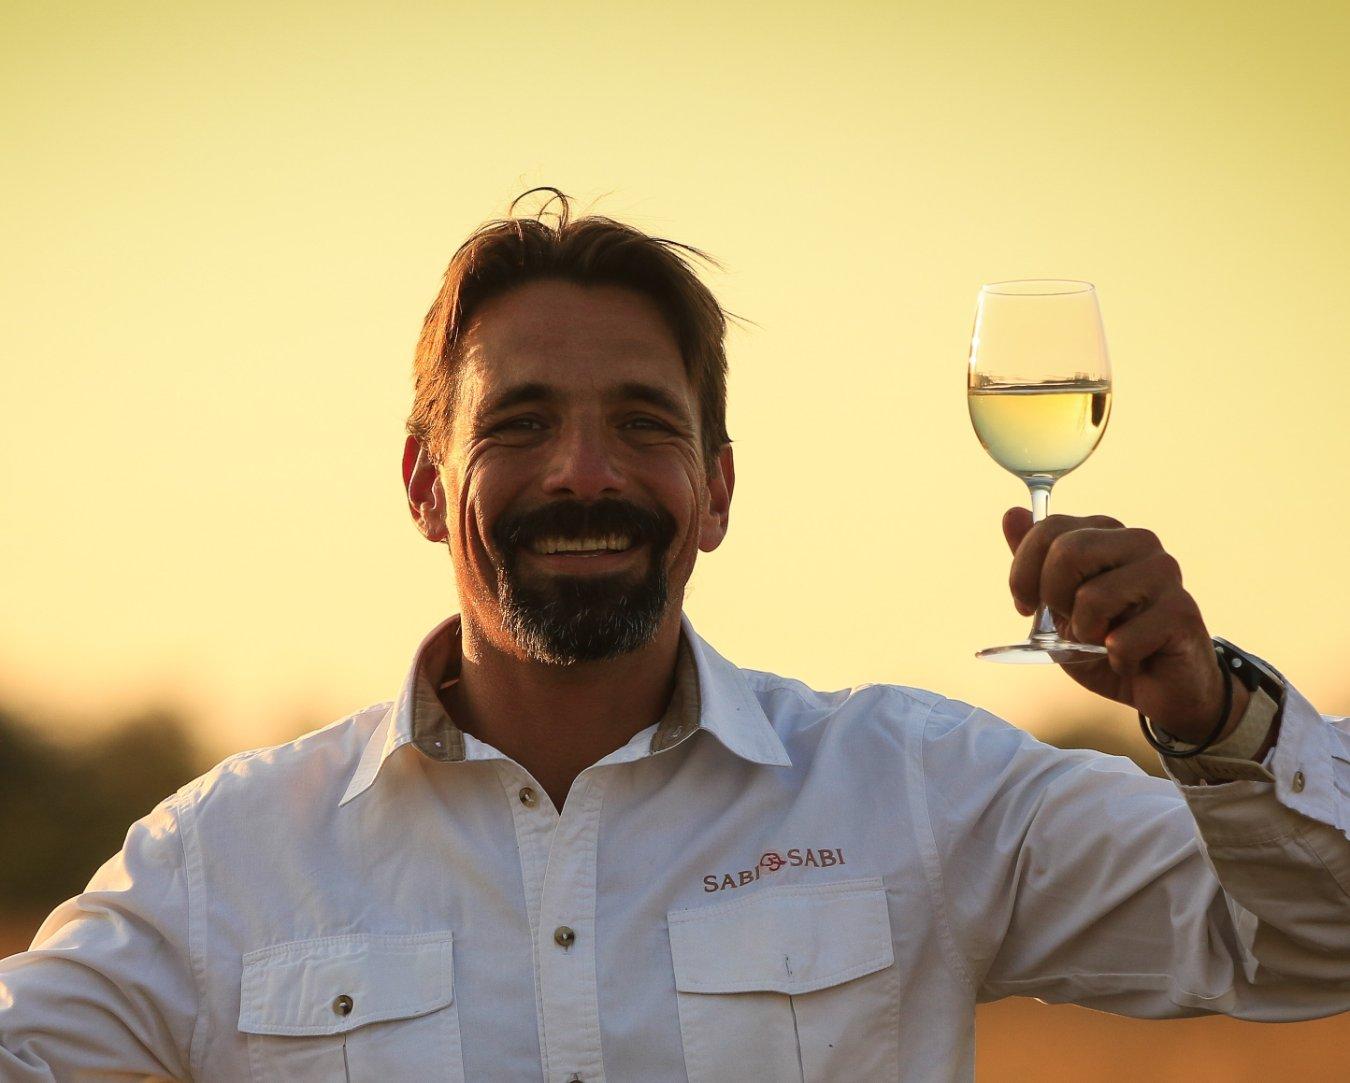 Stefan Schoeman, Director de alojamientos en Sabi Sabi (Sudáfrica)